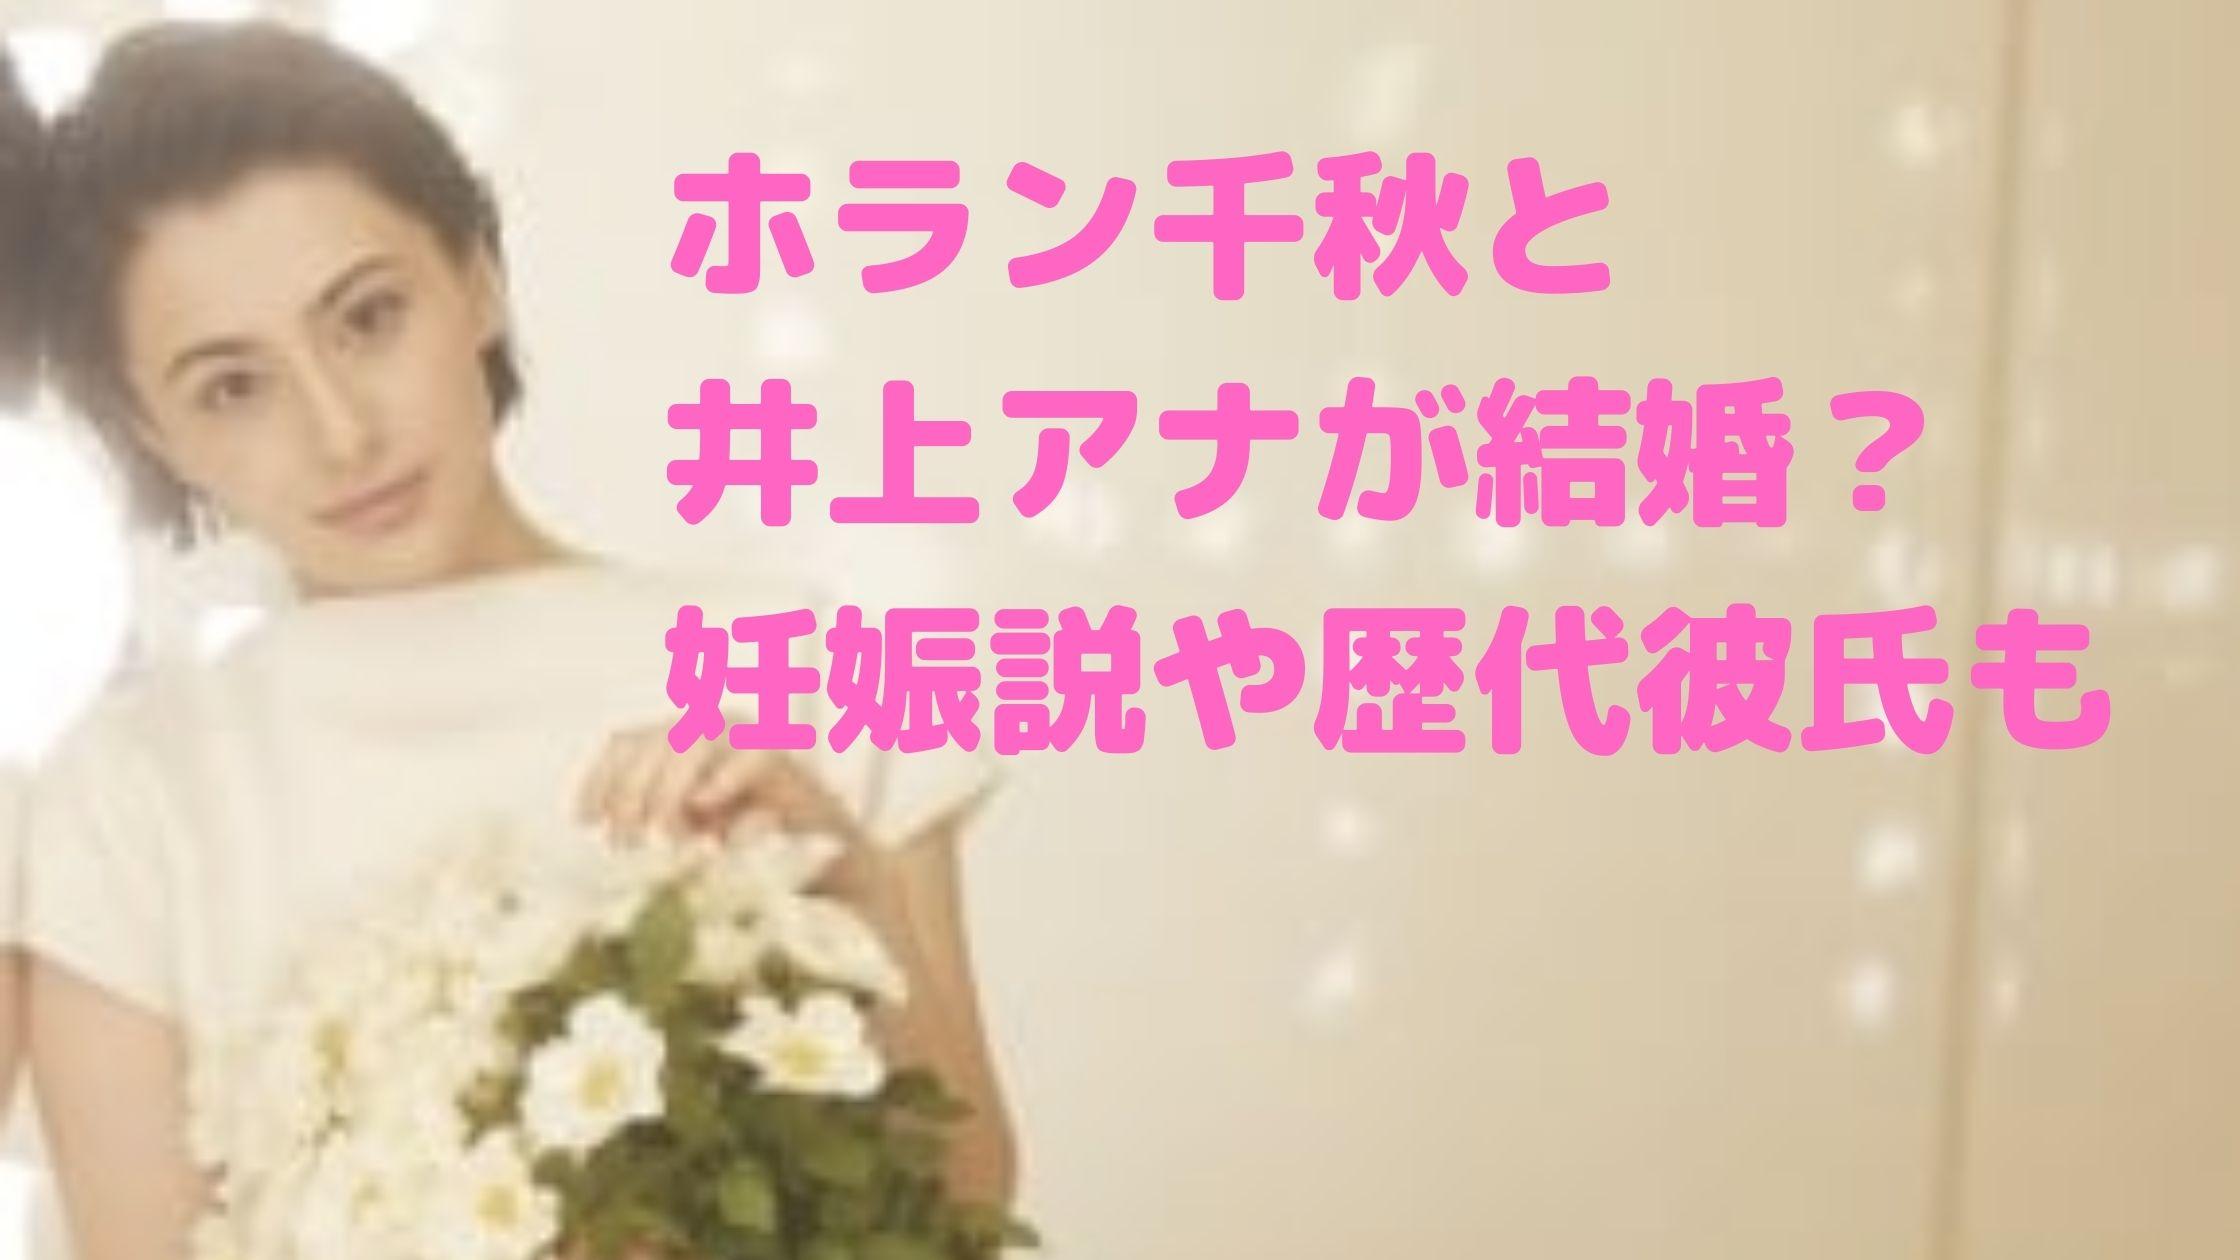 千秋 結婚 井上 貴博 ホラン 井上貴博アナは結婚して子供がいる?彼女はホラン千秋?